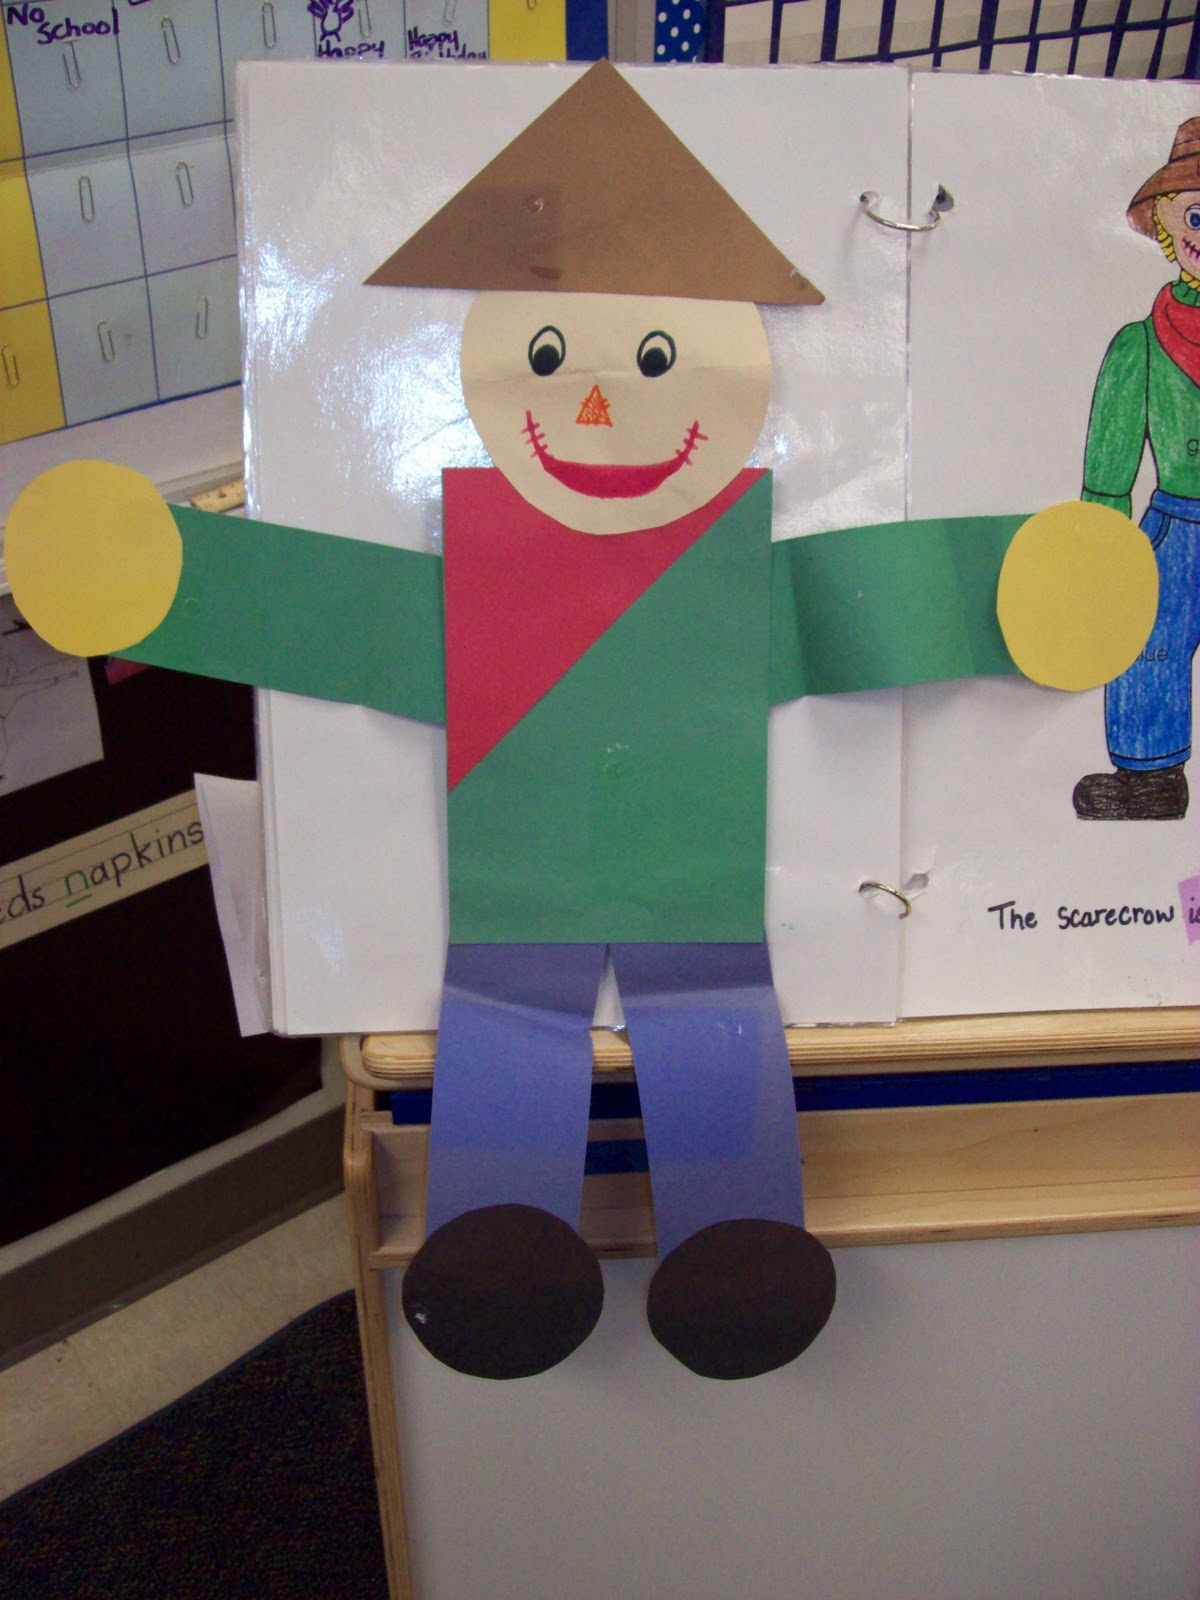 Kinder Garden: Chalk Talk: A Kindergarten Blog: Scarecrows